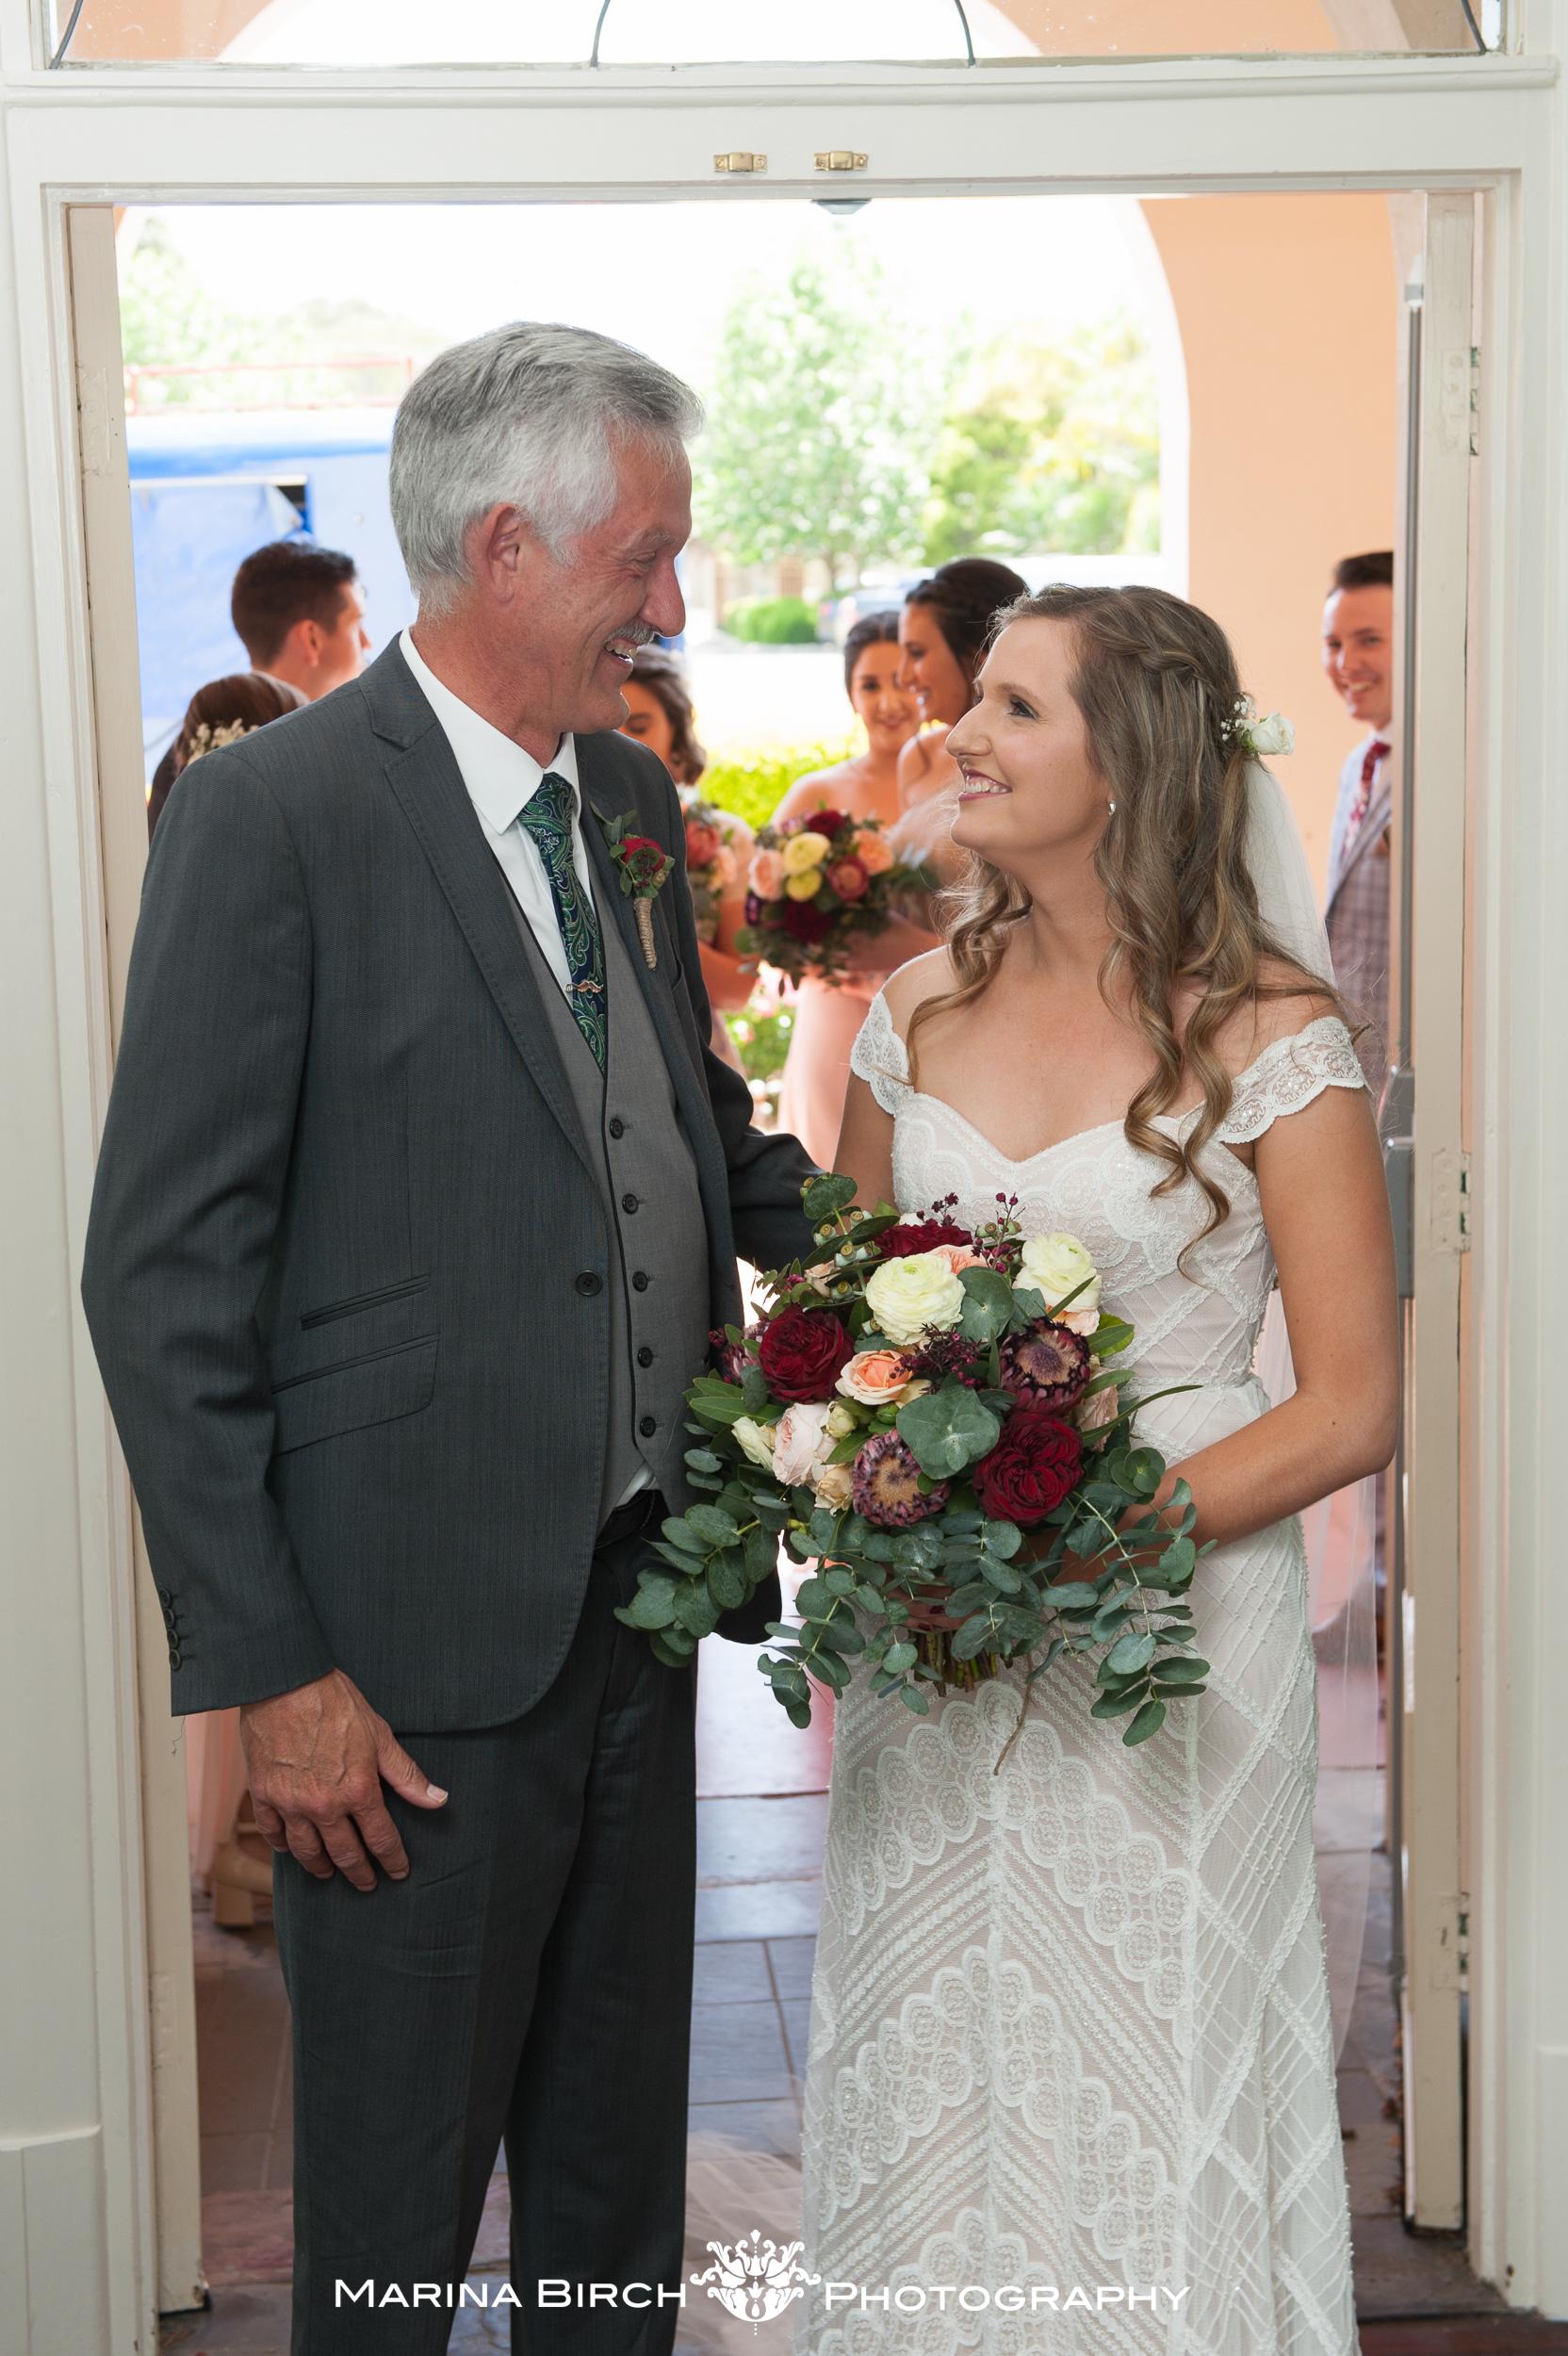 MBP.wedding -8.jpg